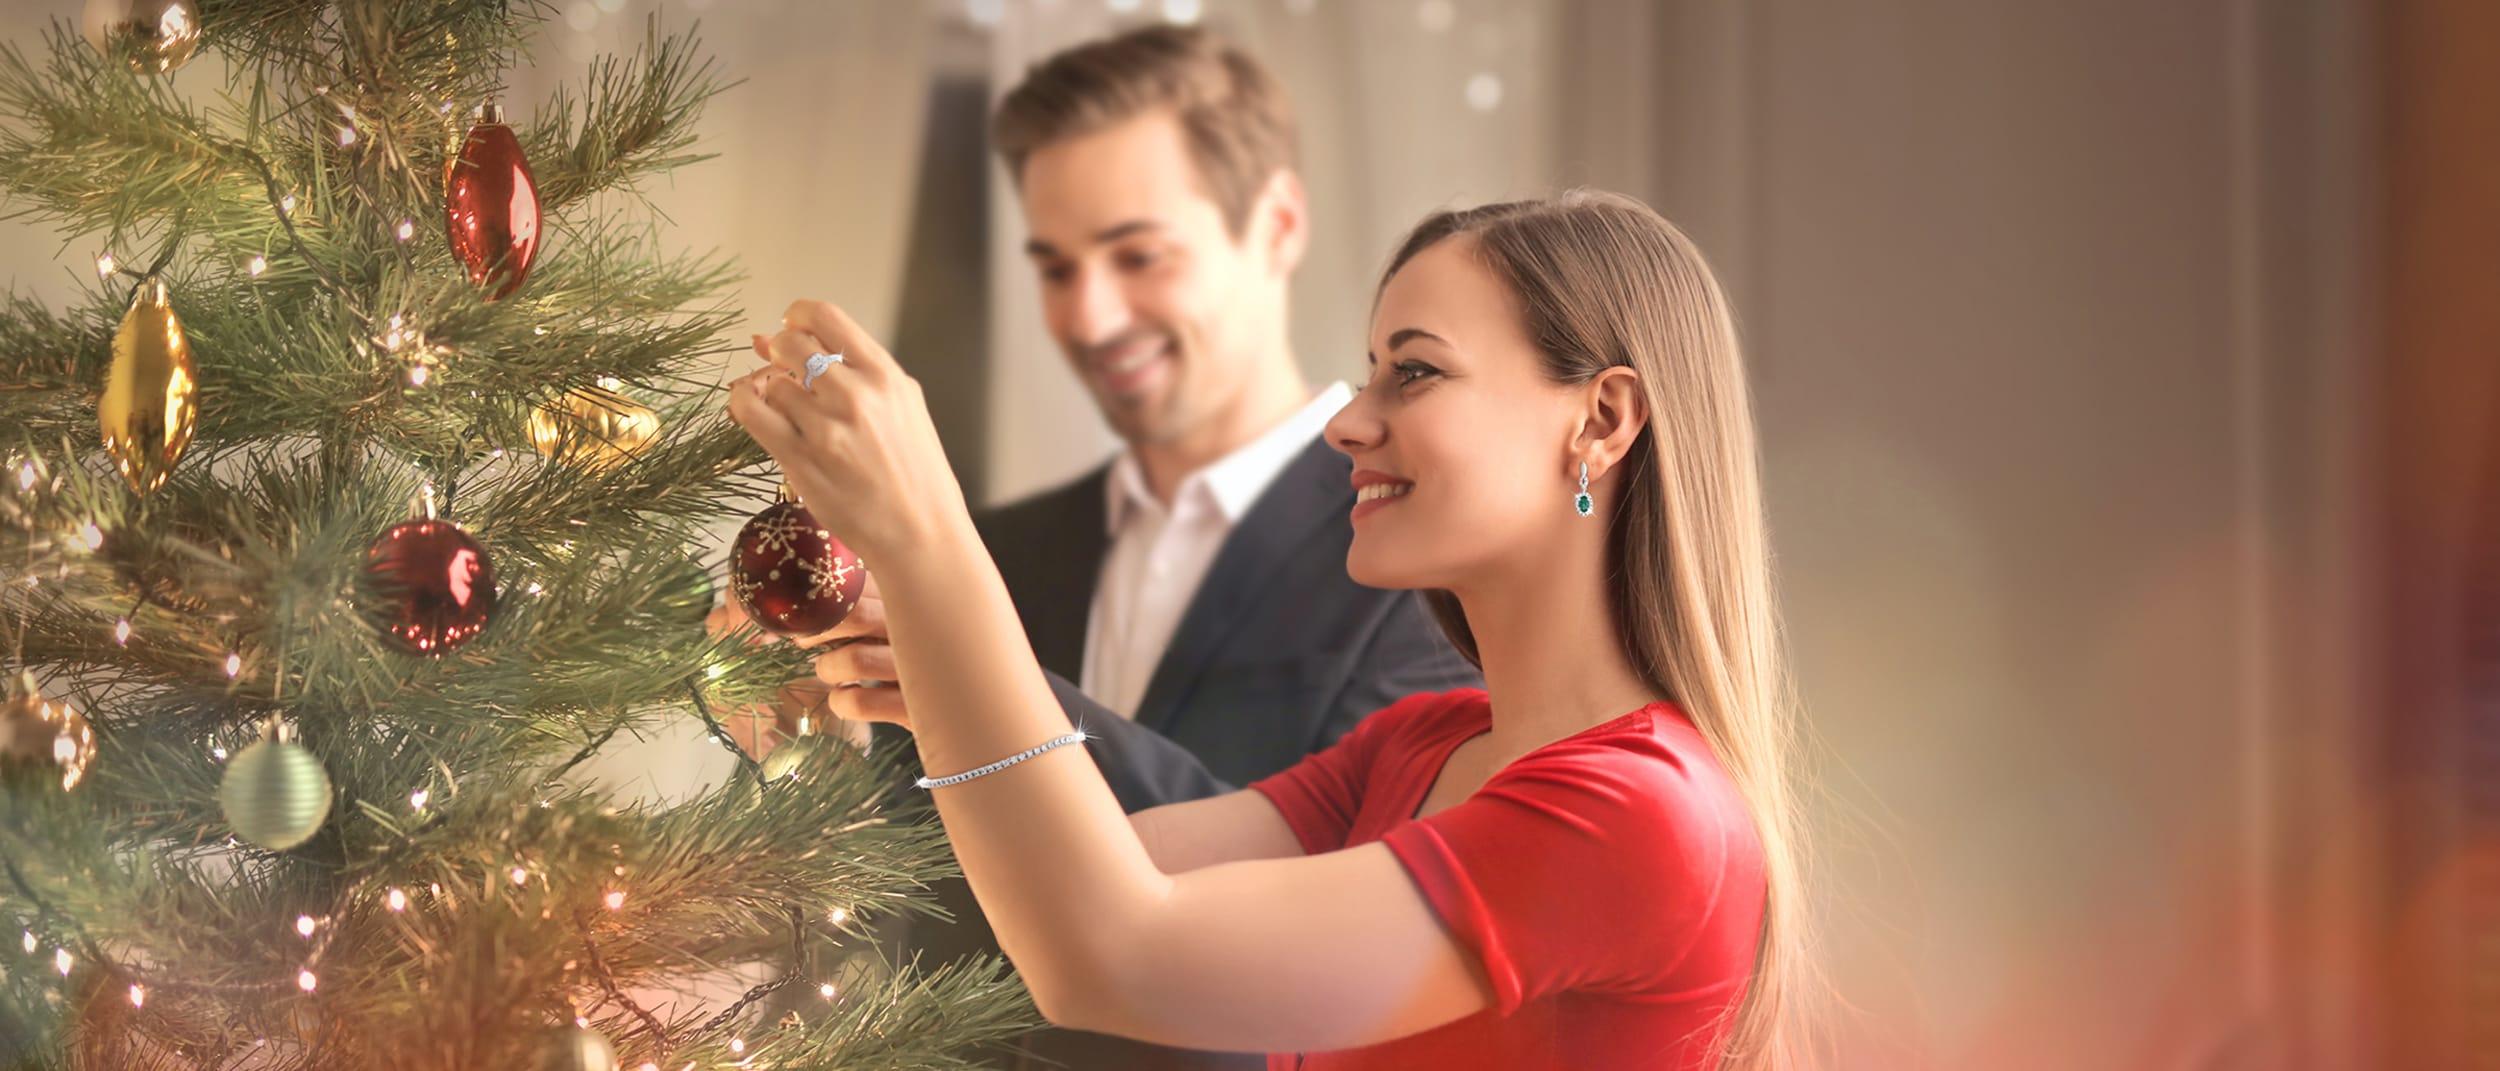 Experience Christmas cheer at Salera's